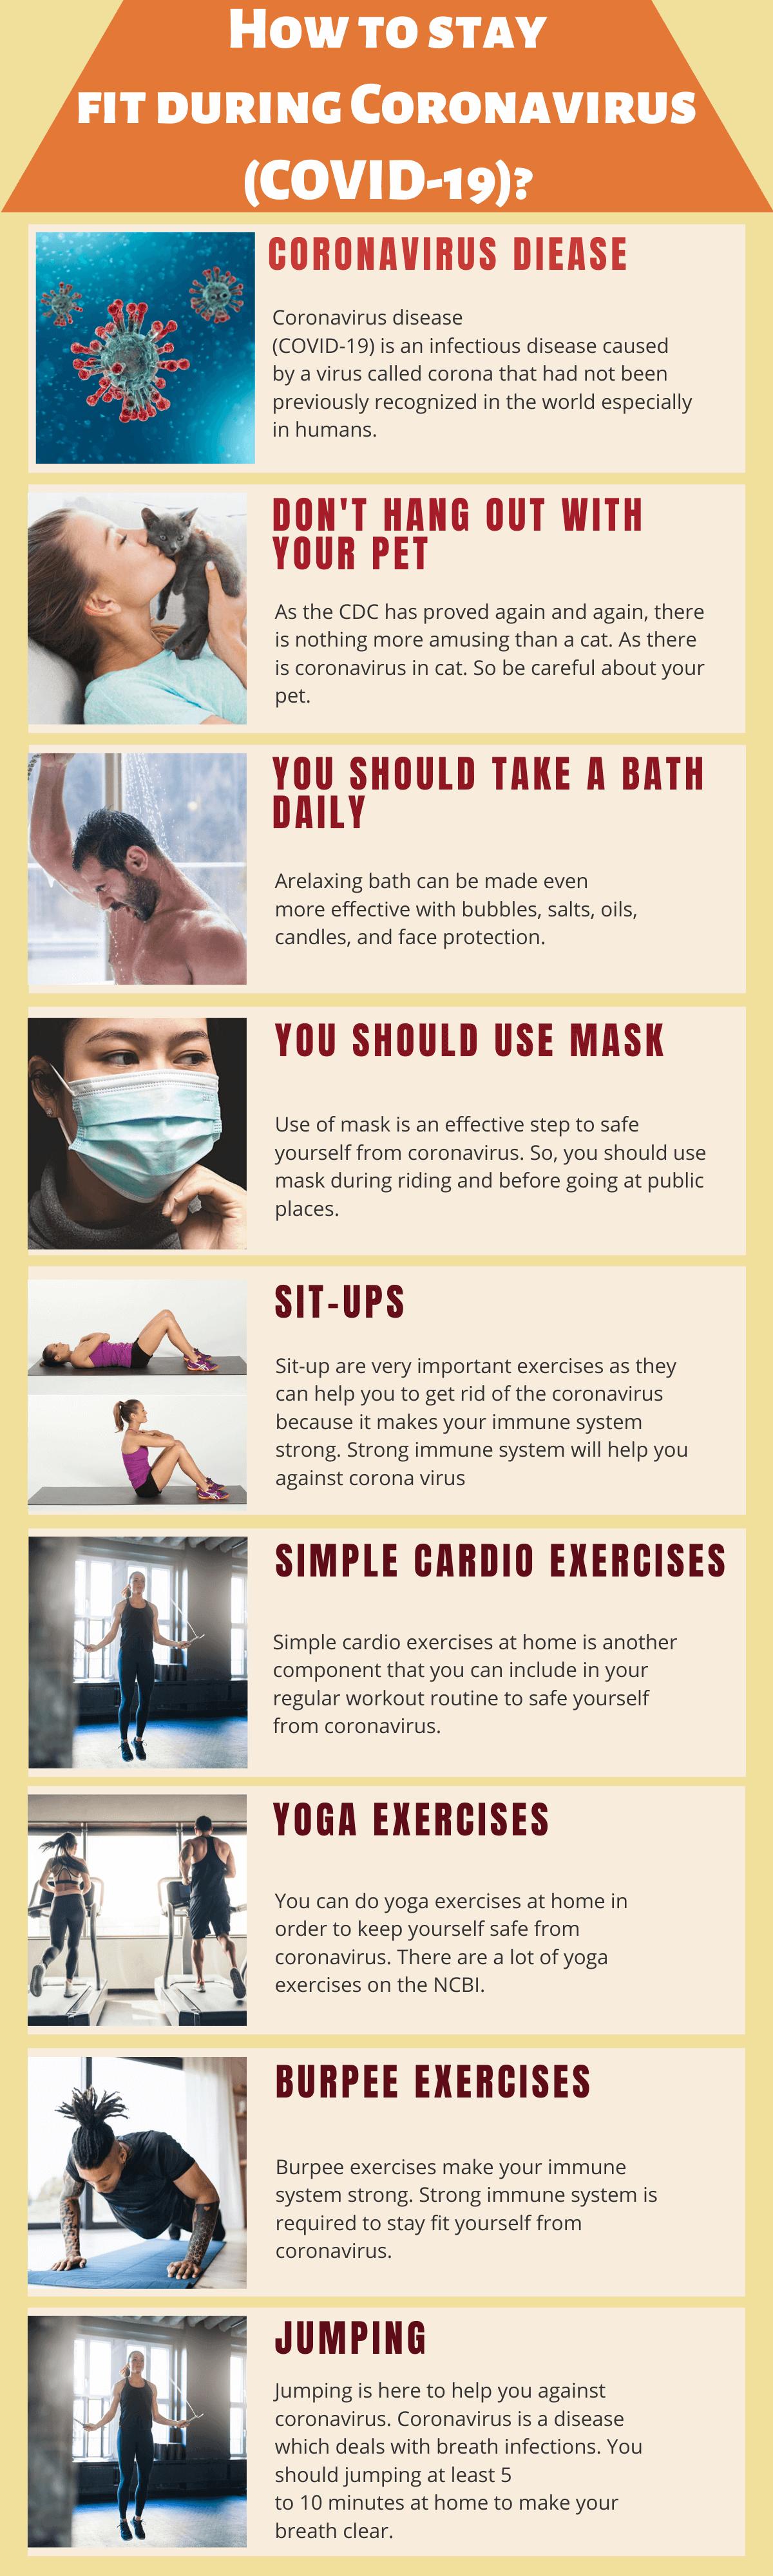 Best Exercises During Coronavirus, stay fit during coronavirus